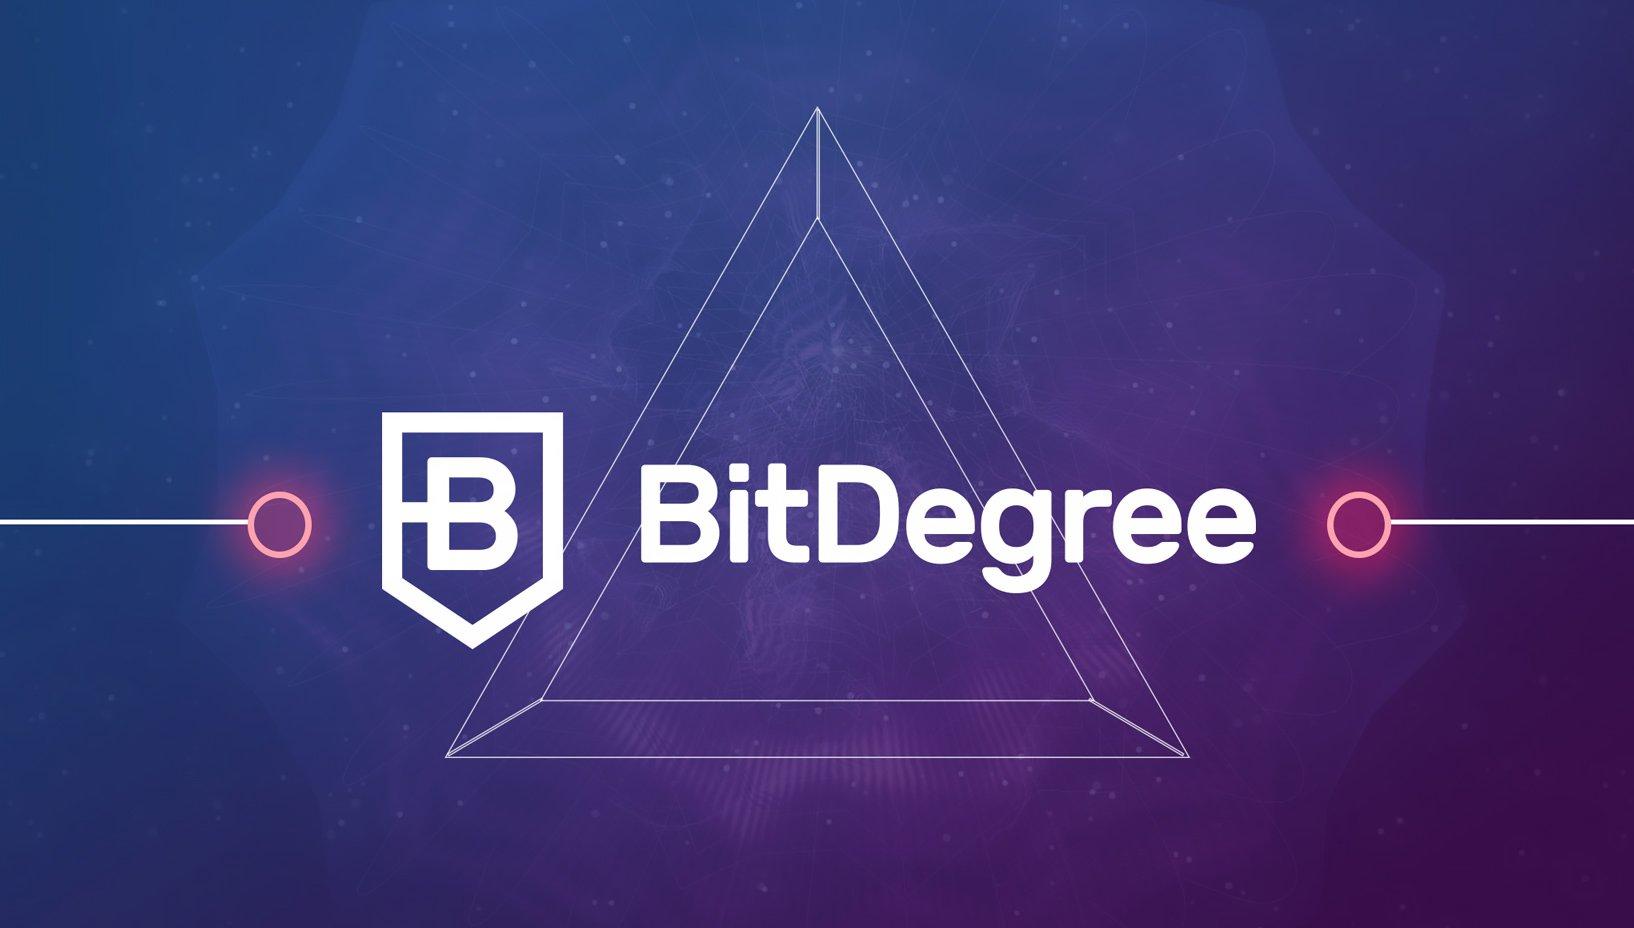 """Lietuviškas švietimo technologijų startuolis """"BitDegree"""" šiemet tikisi uždirbti 1 mln. eurų pelno"""